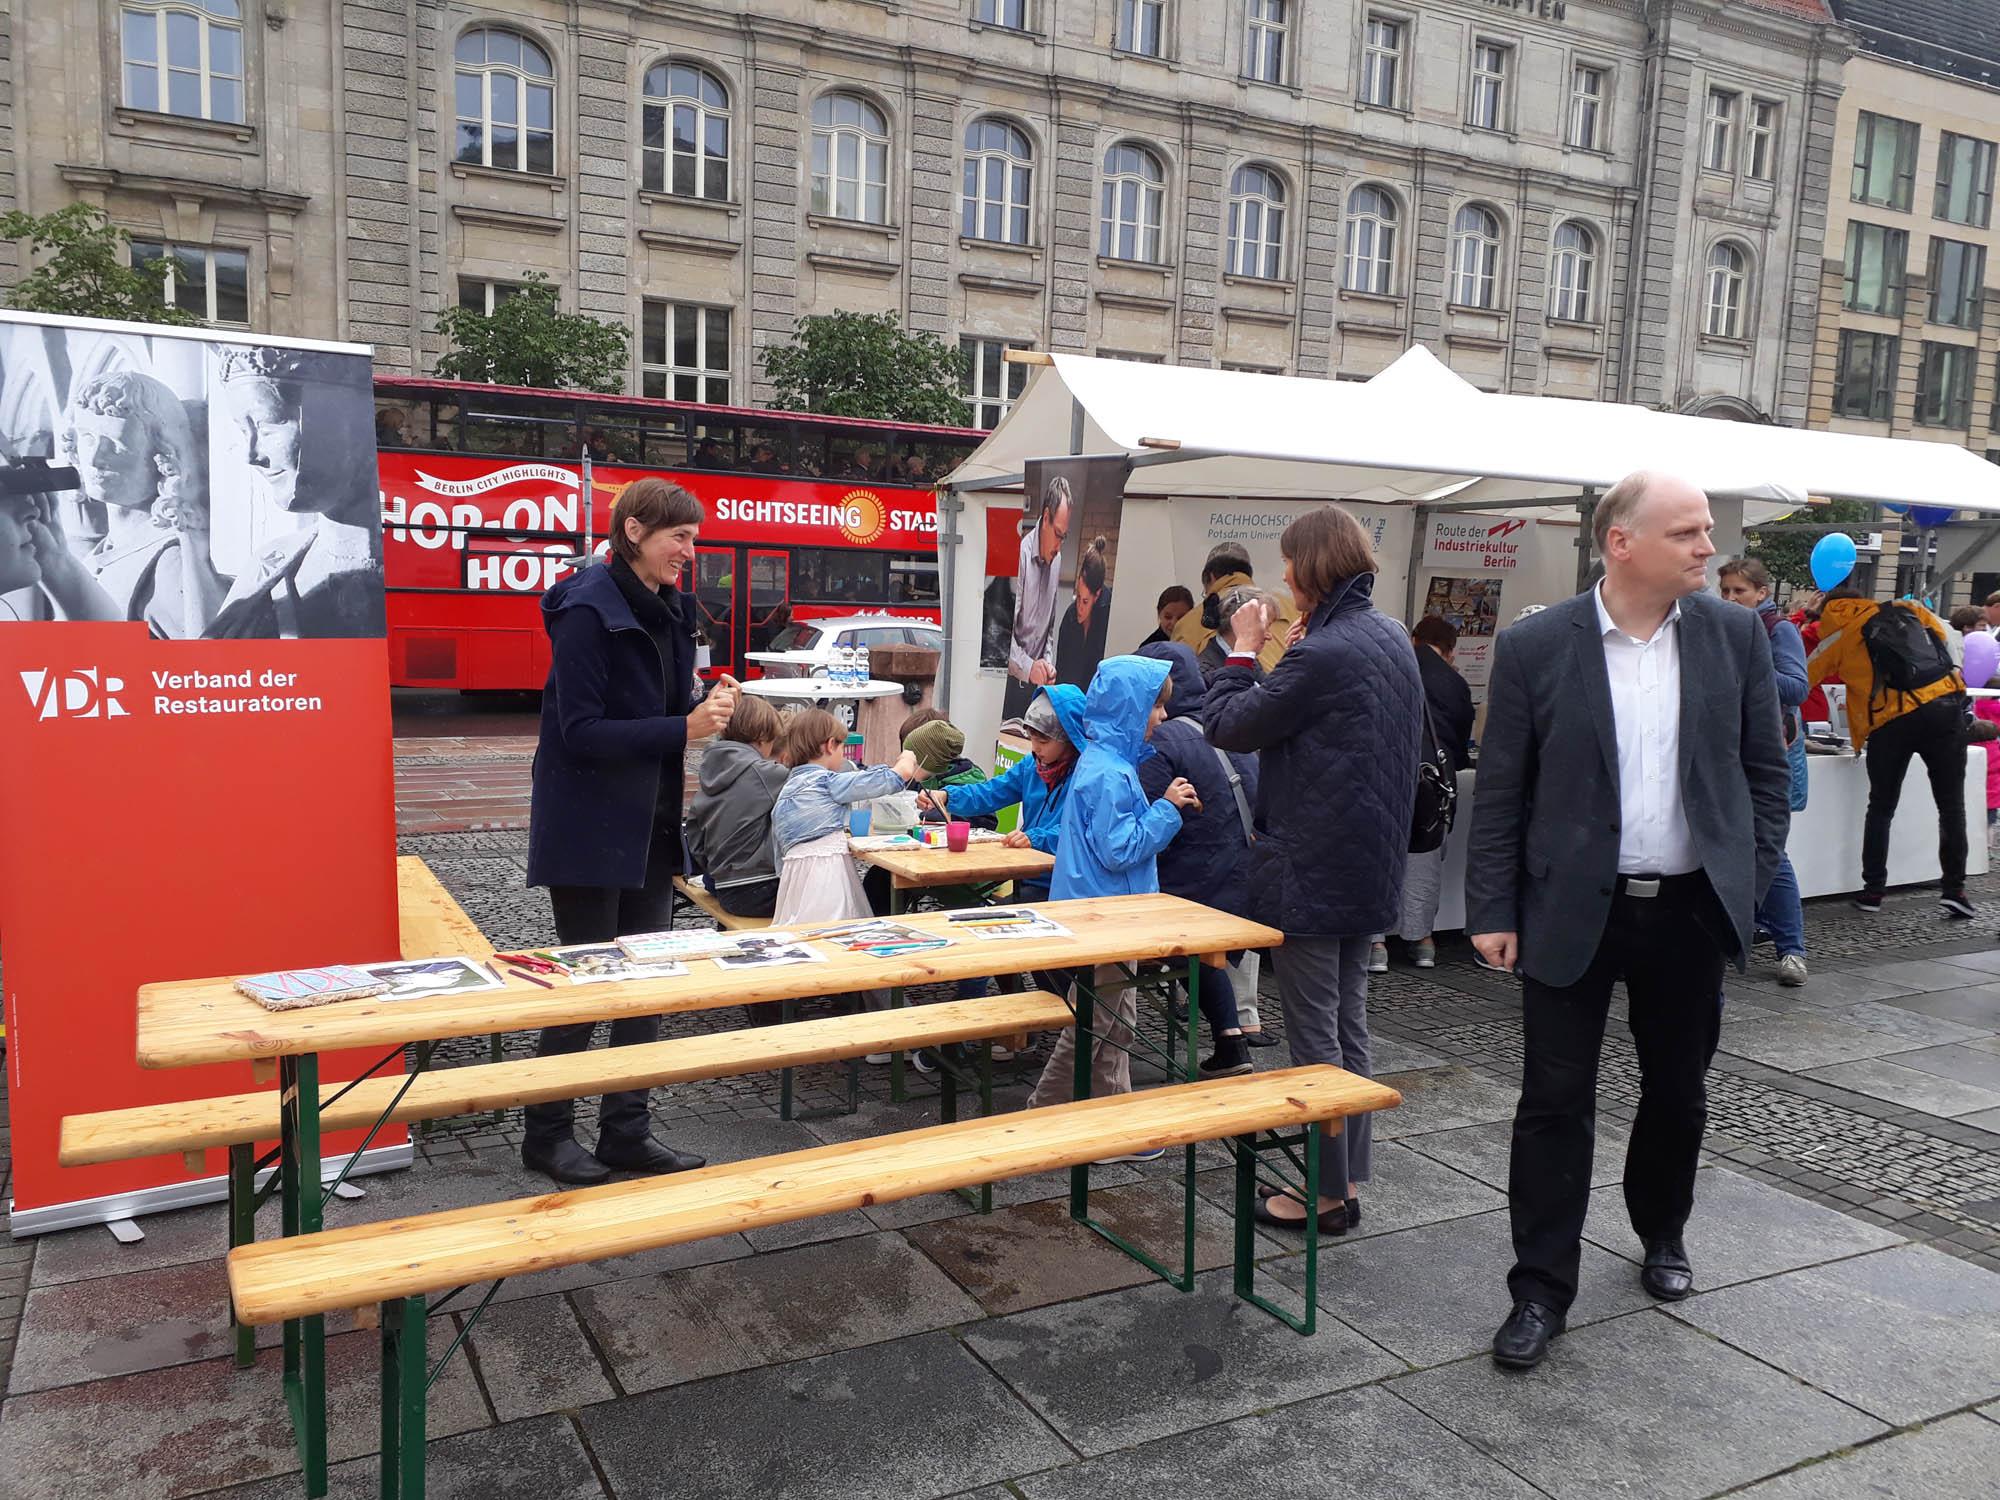 Restauratoren der VDR-Landesgruppe Berlin/Brandenburg, der FH Postdam und HTW Berlin auf dem Gendarmenmarkt in Berlin. Foto: Johanna Thierse.